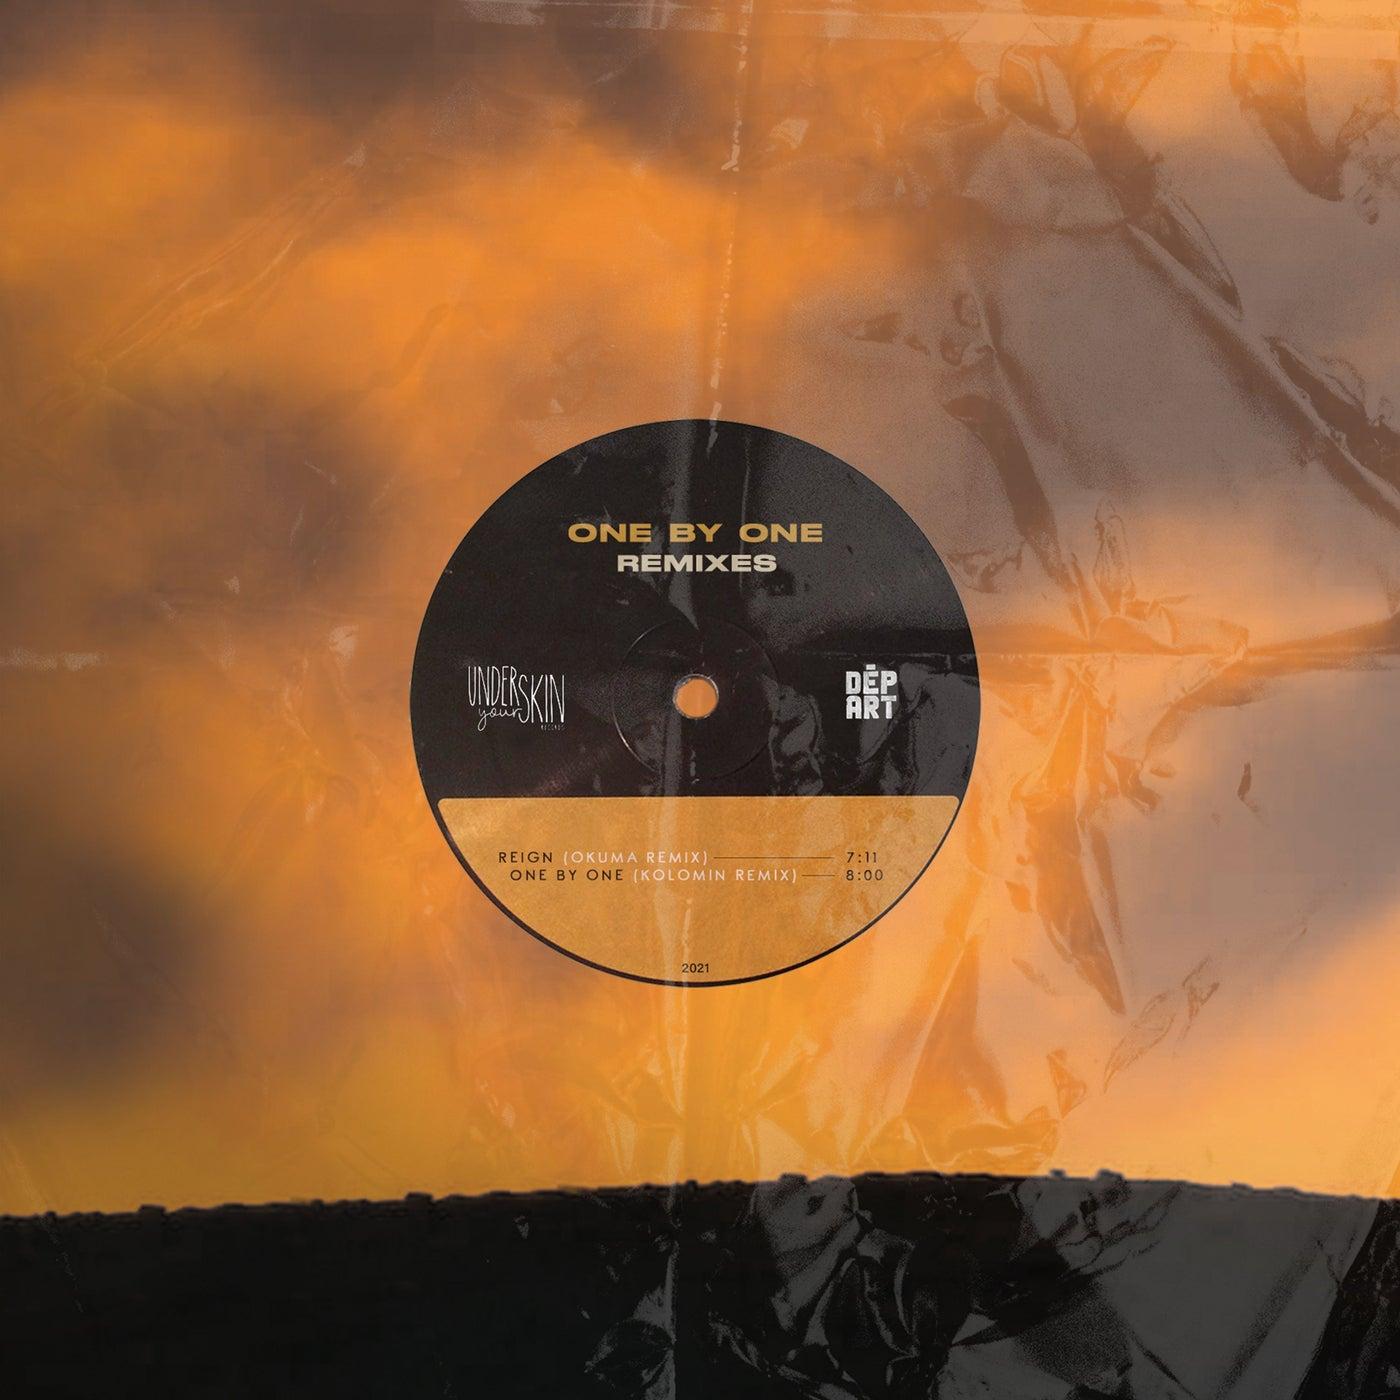 Reign (Okuma Remix)